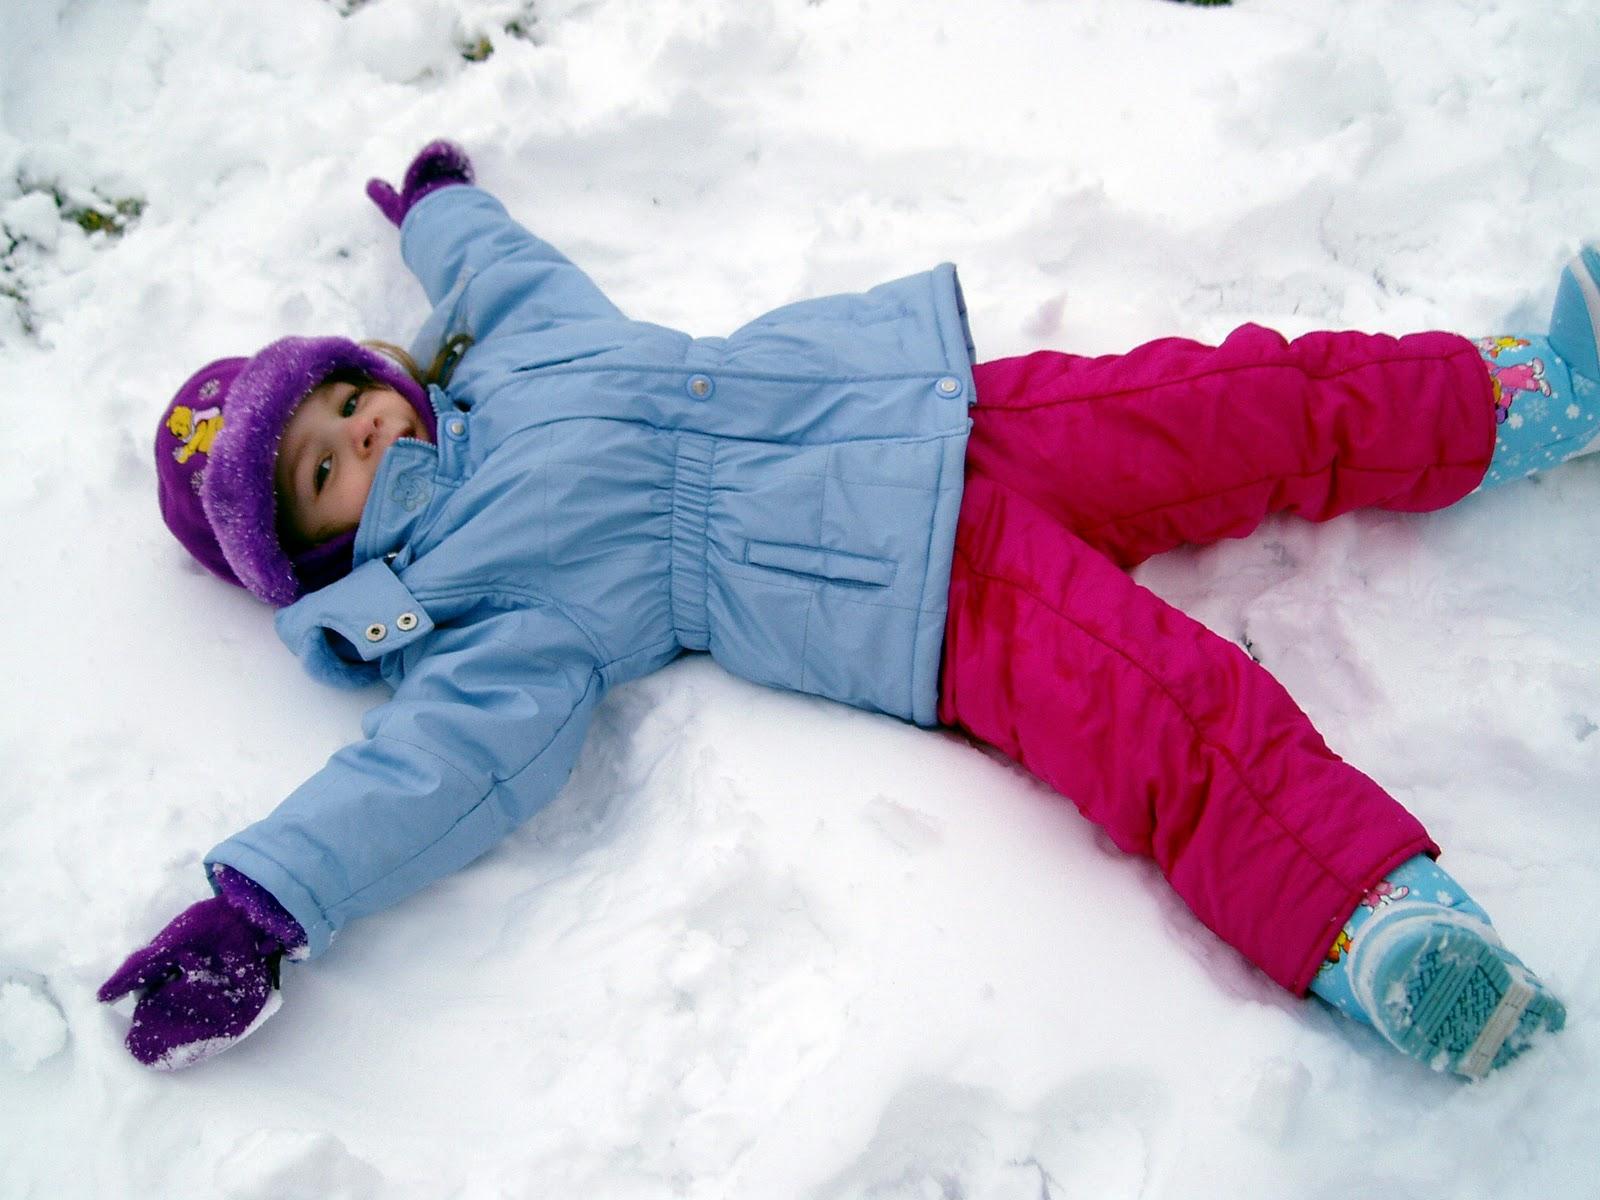 Какая одежда понадобится новорожденному ребенку для прогулок в зимний период?